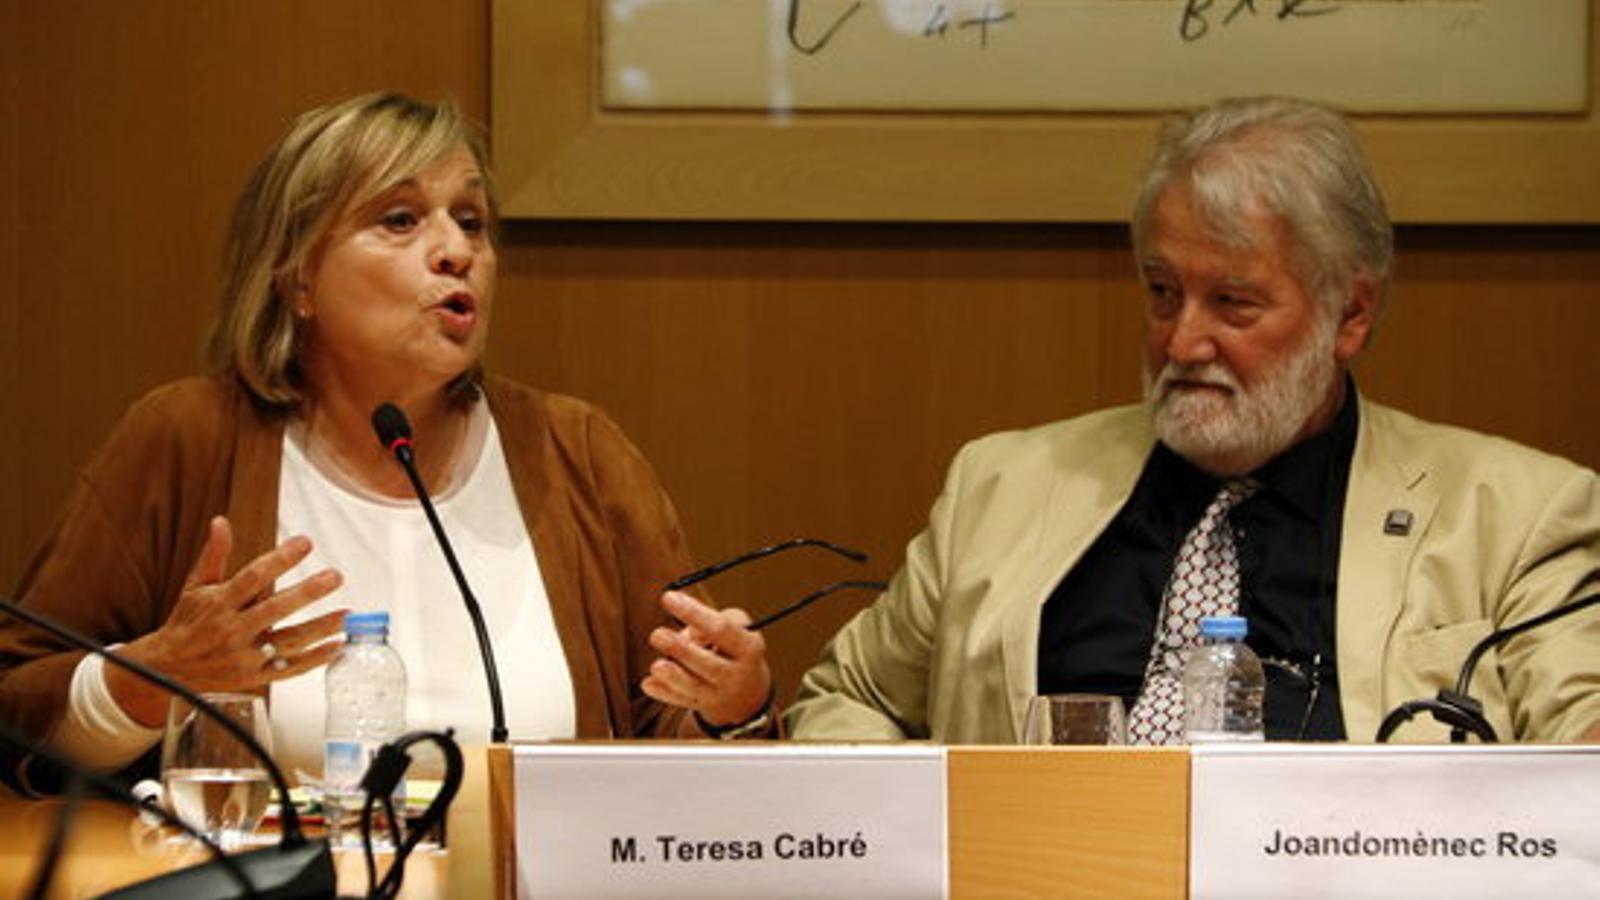 La presidenta de la secció filològica de l'IEC, Maria Teresa Cabré, i el president de l'IEC, Joandomènec Ros, en roda de premsa